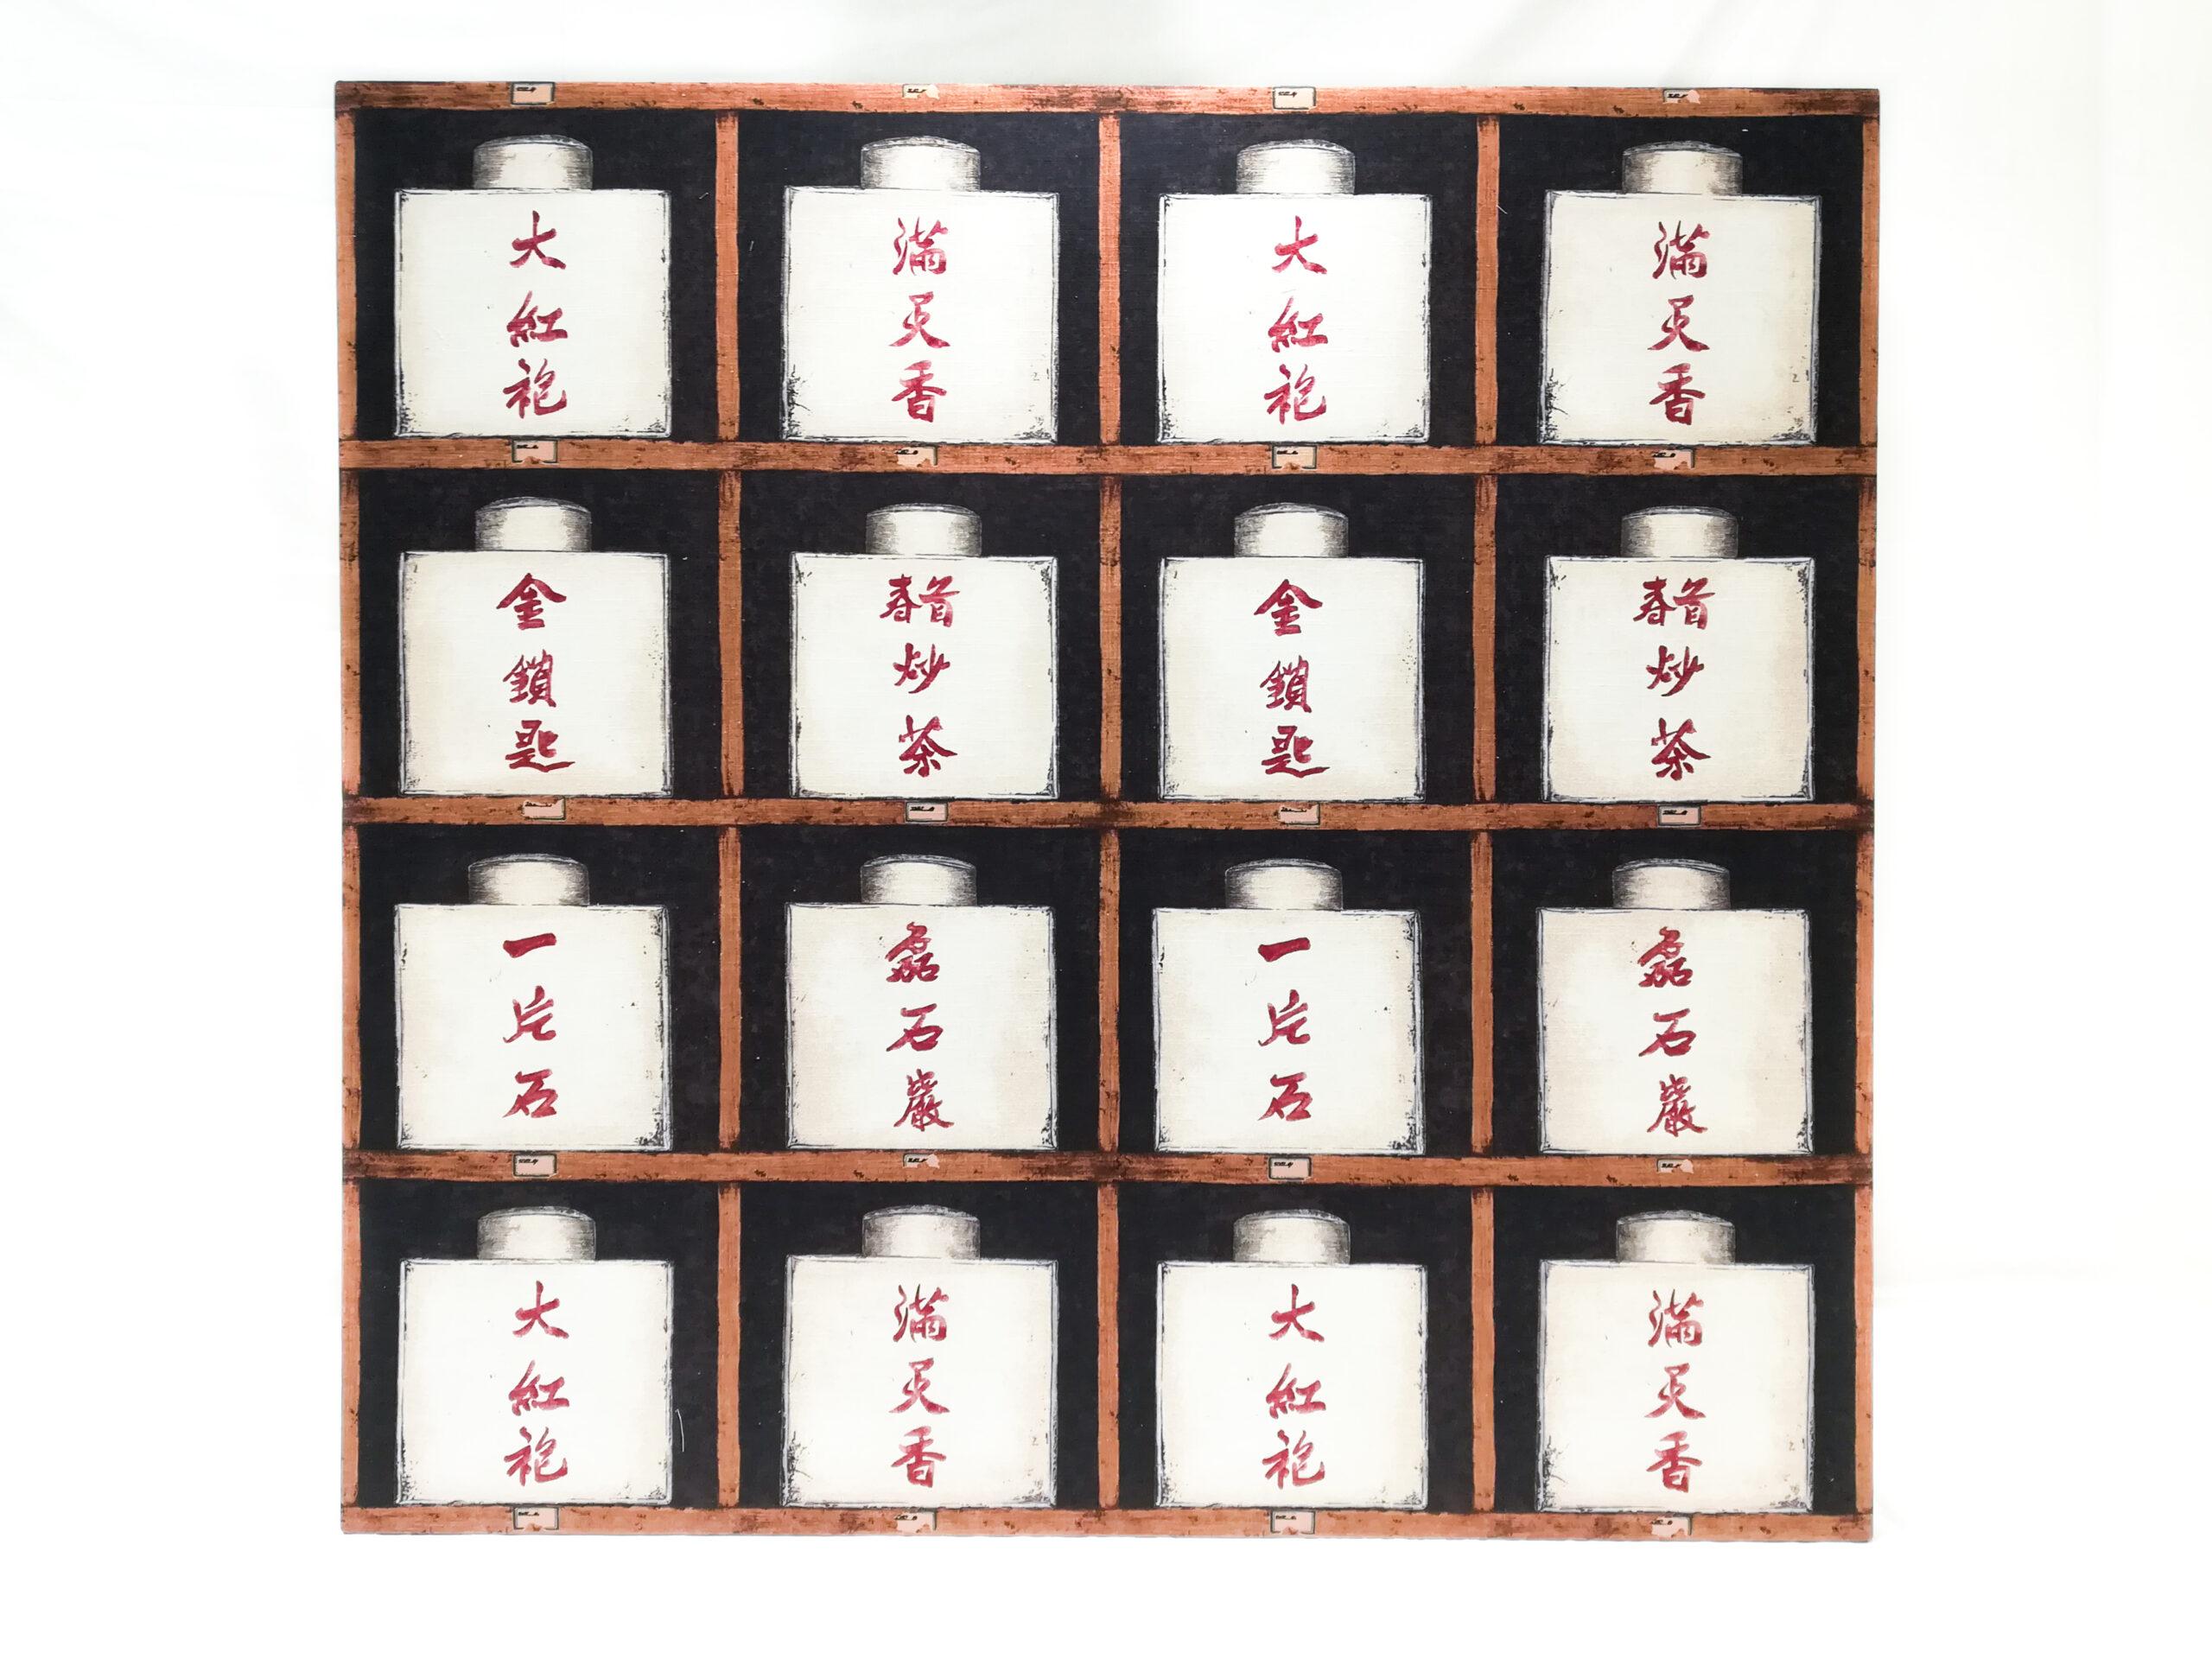 Rubino_Farmacia cinese_01